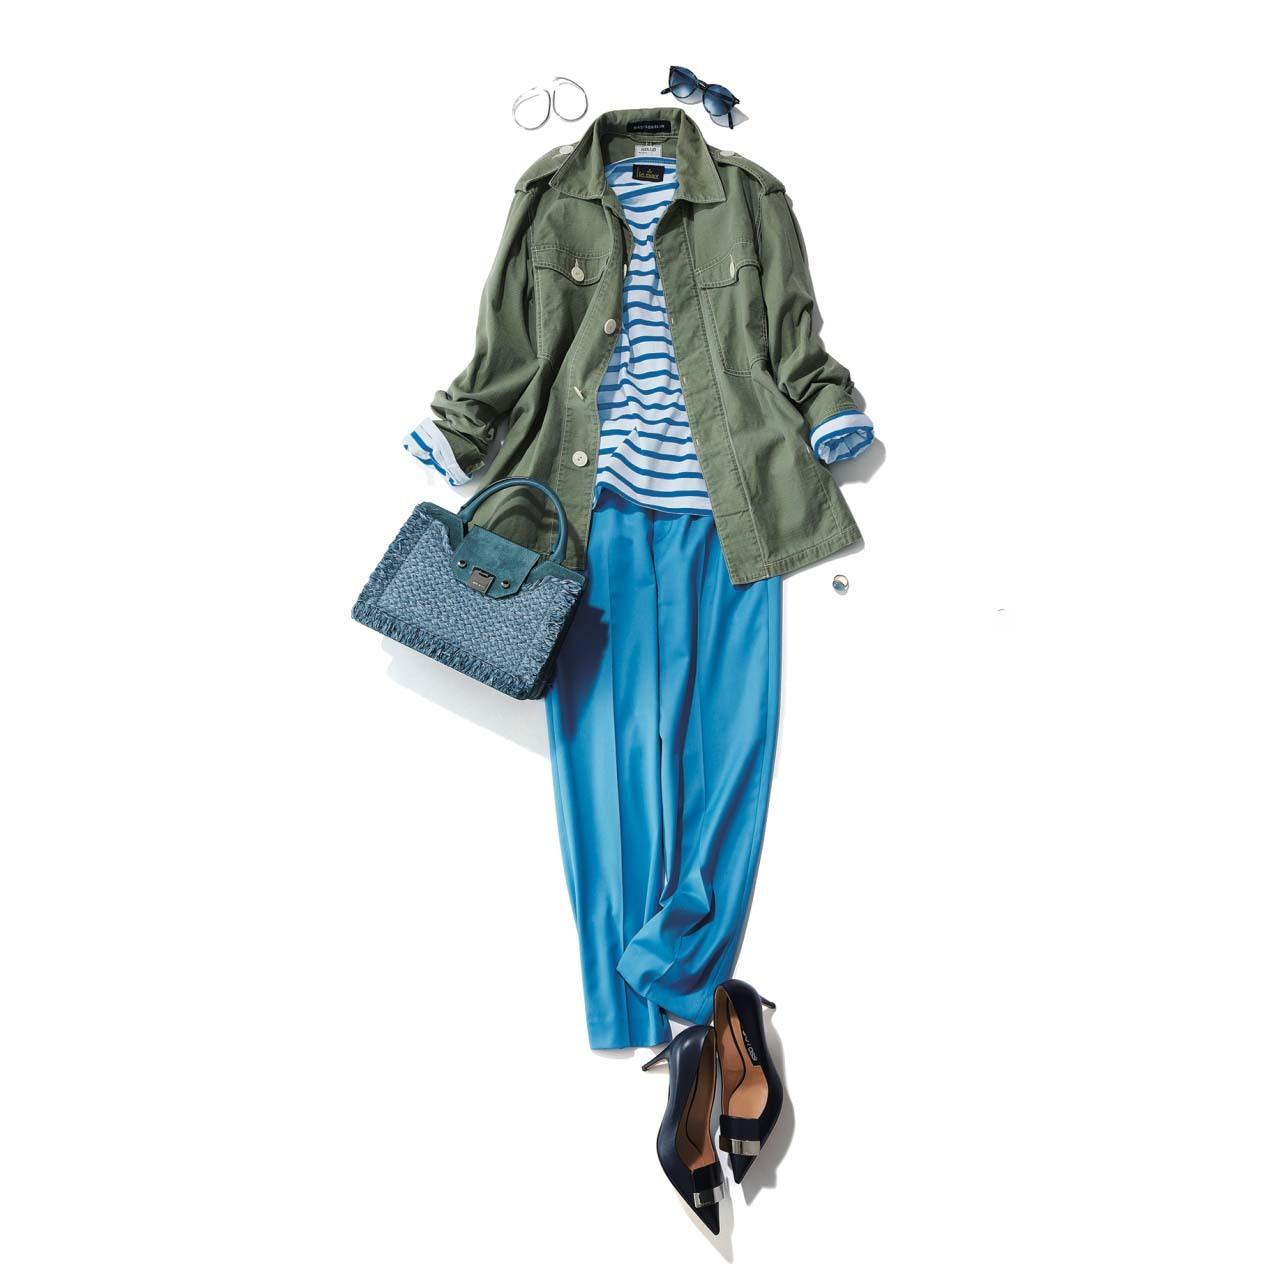 ■カーキのジャケット×ブルーのストライプカットソー×ブルーのパンツコーデ